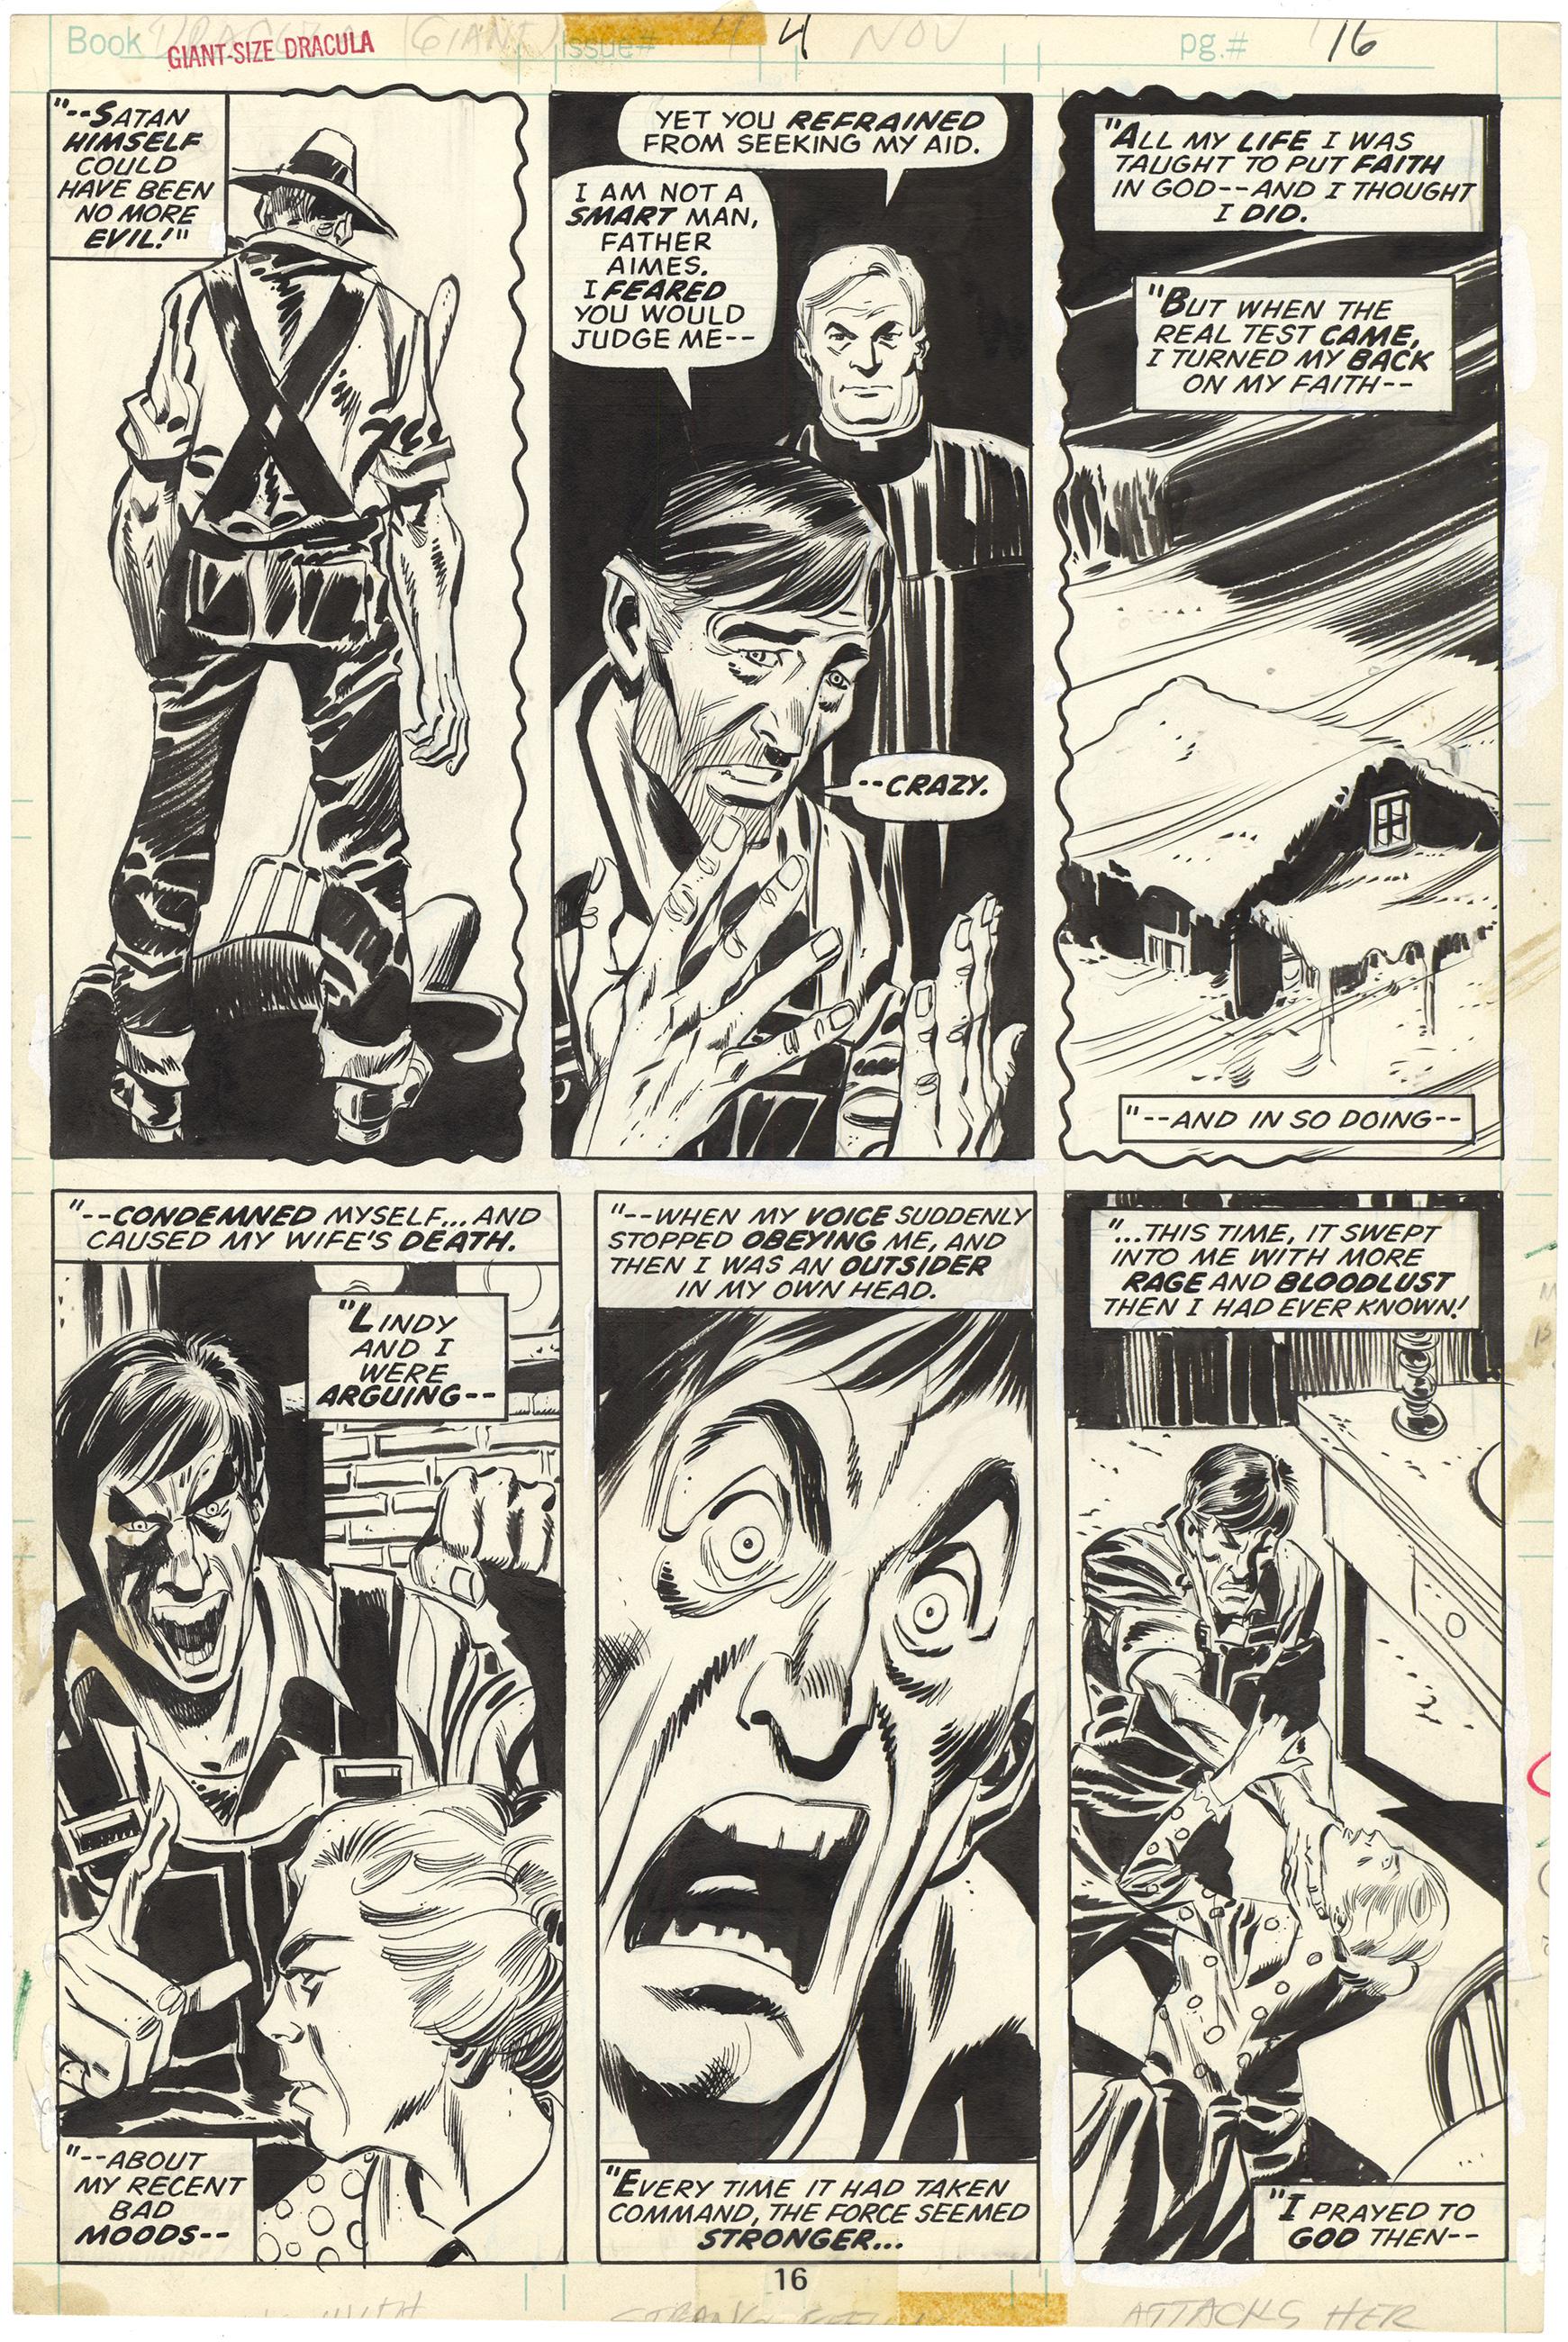 Giant-Size Dracula #4 p16